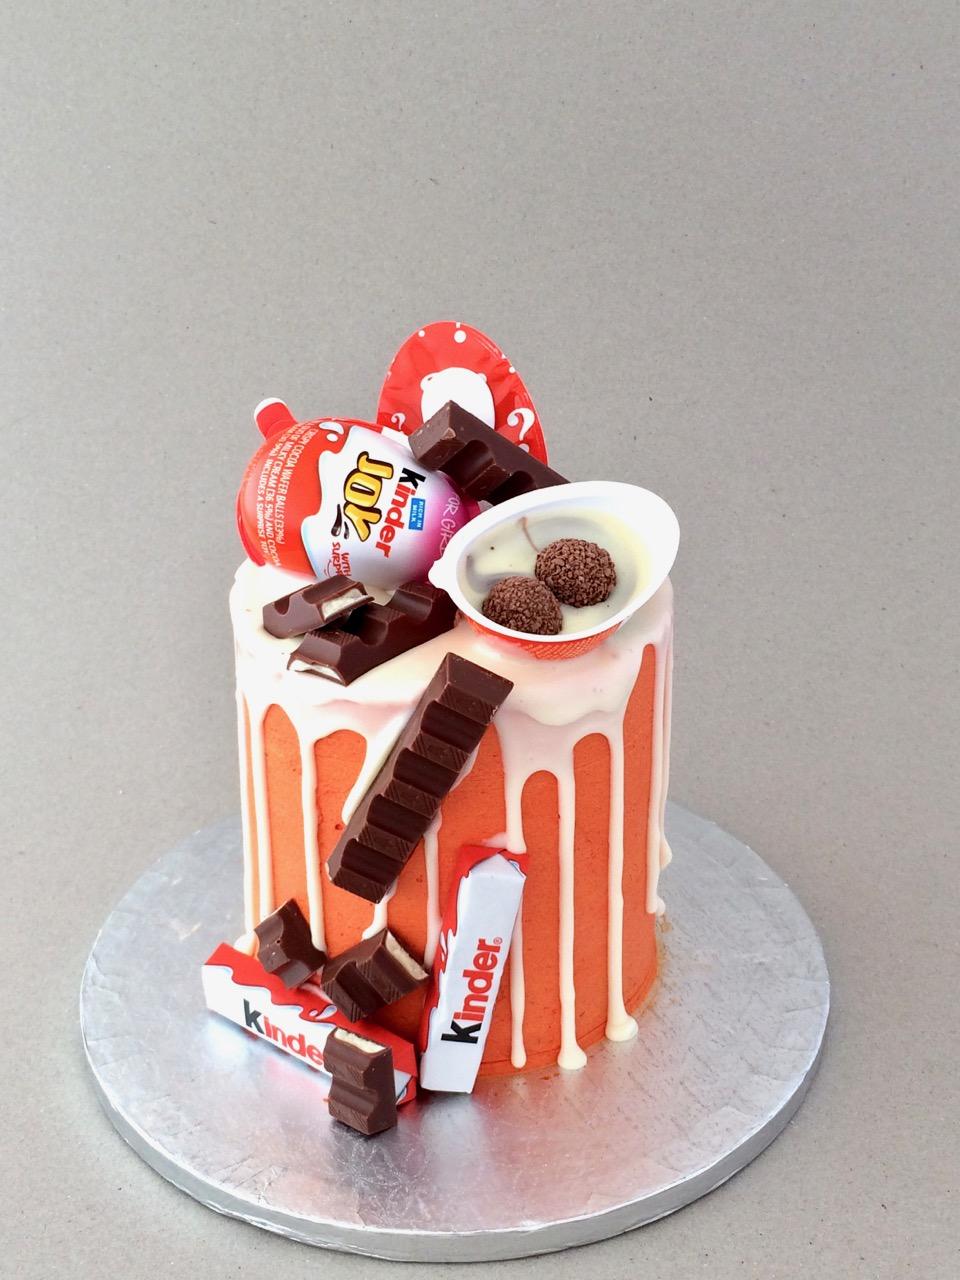 Kinder Joy Cake Images